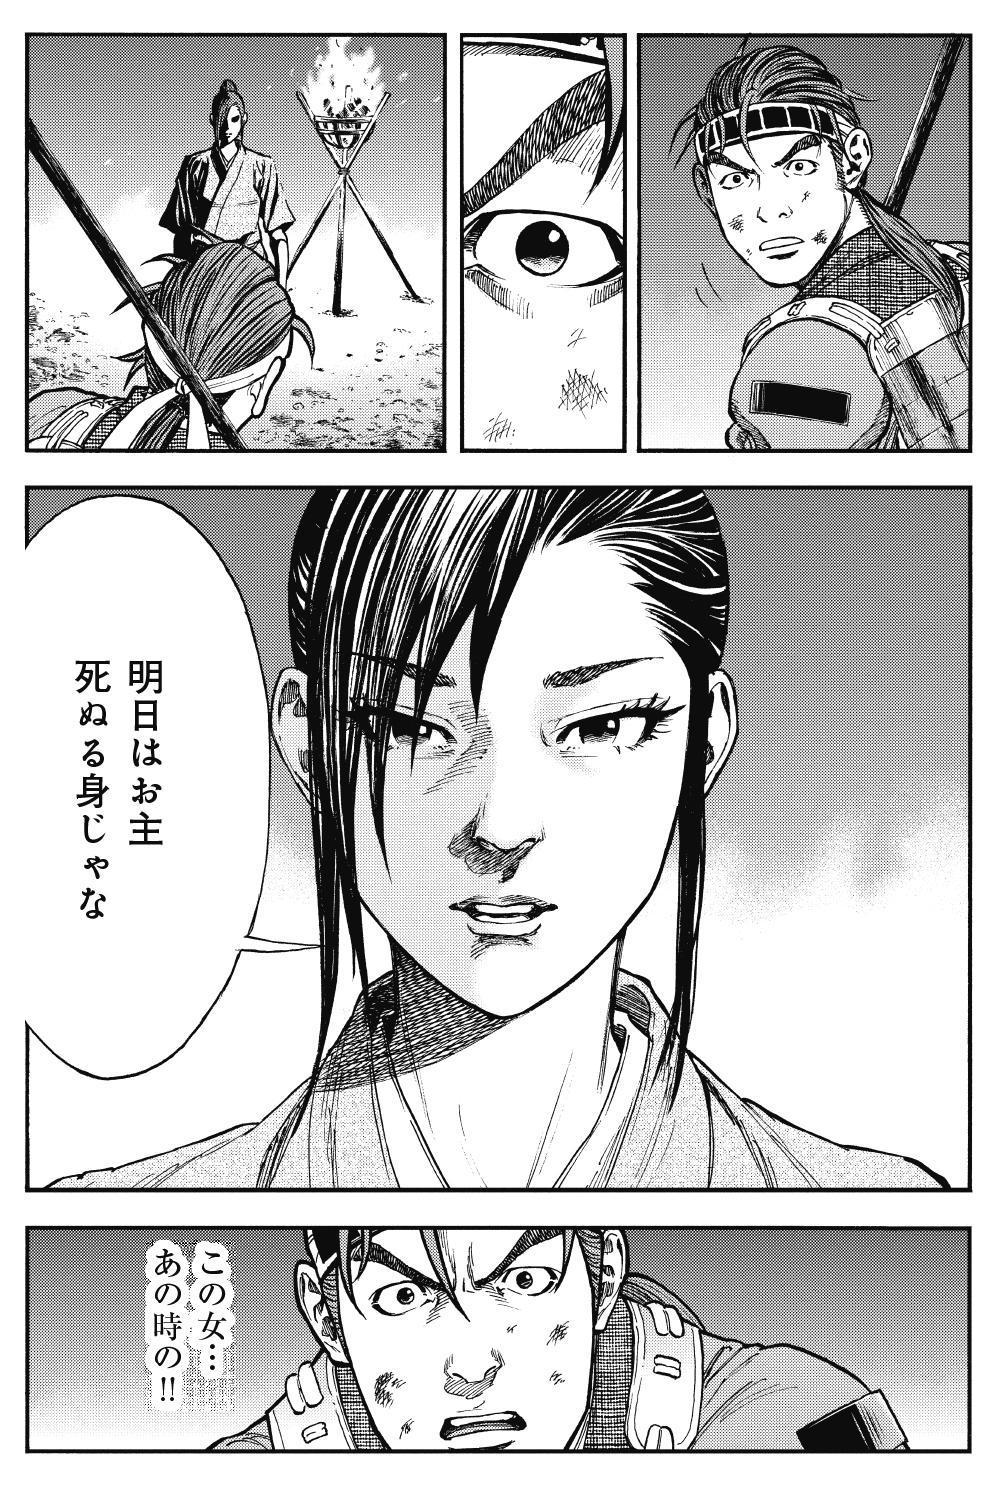 真田太平記 第1話「高遠落城」①sanada2-1-3.jpg